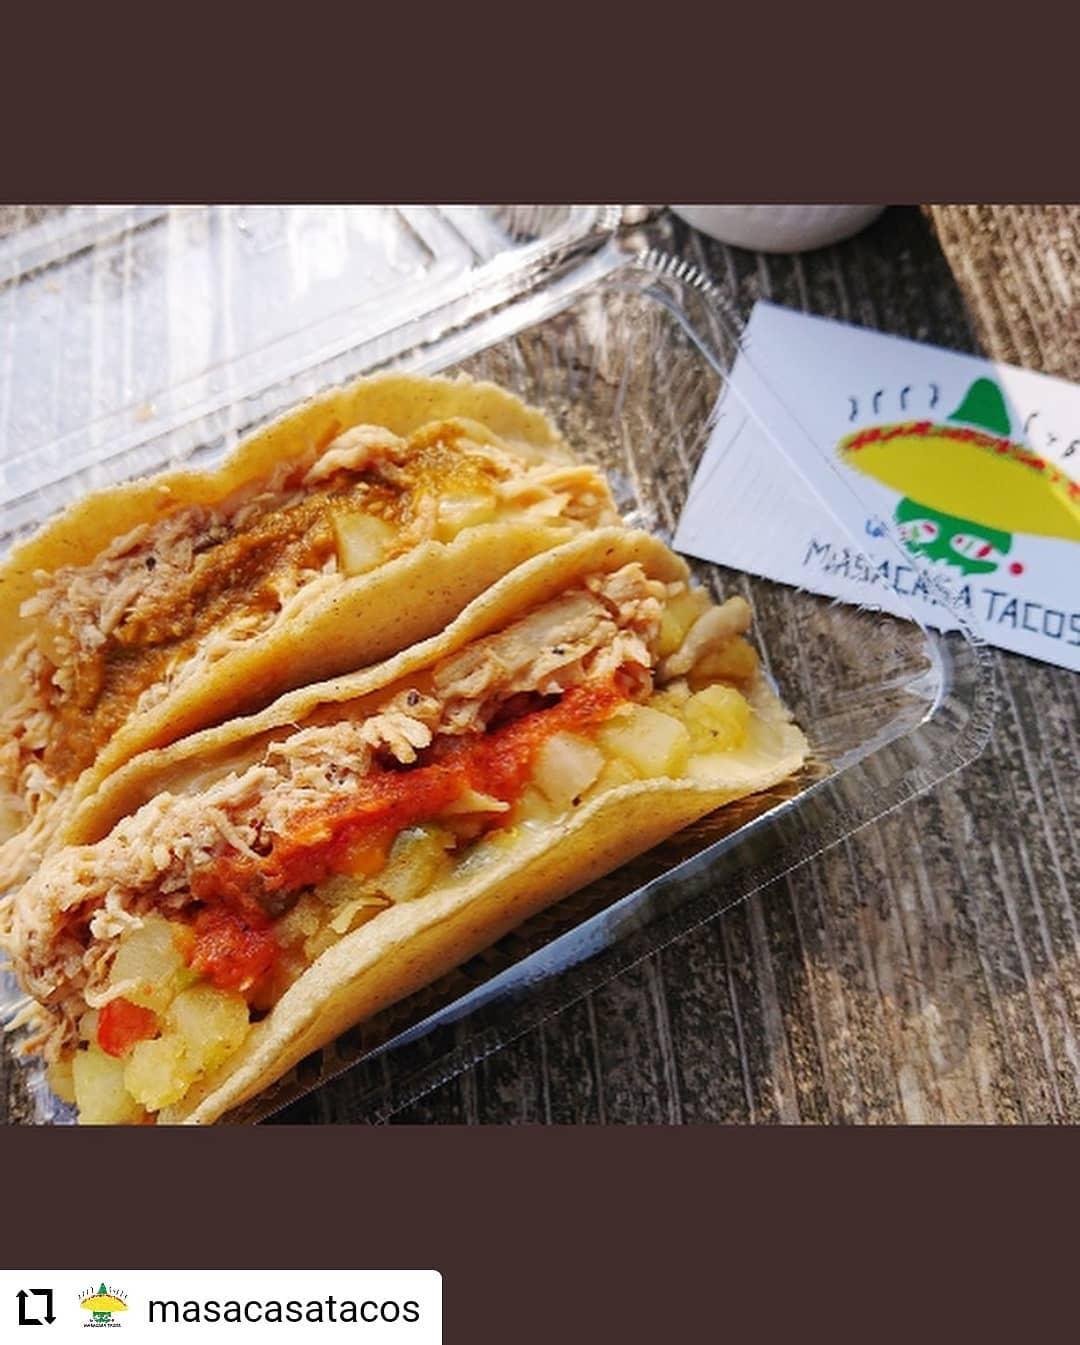 #Repost @masacasatacos…5/16(日) 、日曜市、出店します。We will be at Sunday Farmers market on 5/16 from 8am ish. 日曜市では、高知のじきび粉とメキシコのマサ粉の自家製トルティーヤのタコスです。具は、「高知野菜」土佐紅(枝川の森田農園のさつまいも)、高知産のパプリカ、ピーマン、と四万十鶏のトマト煮です。人気は、四万十鶏のトマト煮と高知野菜、両方入った「ミックス」低カロリー高タンパクな、四万十鶏の胸肉と、さつまいもたっぷりの高知野菜のハーフ&ハーフ。朝食にもばっちりです。サルサは3種類 A: トマト、B: 青唐辛子 ミョウガ パクチー、C :  チポトレ(ハラペーニョの燻製)、赤唐辛子サルサの唐辛子、トマト、玉ねぎ、ニンニク、茗荷、パクチーも高知産です。場所は、日曜市3丁目、駐車場の前 開店は、8時くらいからに、なります。よろしくお願いいたします。SNSにタグ付け投稿していただいた方々の写真を使わせていただいています#高知 #日曜市 #タコス #サルサ #高知野菜 #四万十鶏 #高知タコス計画 #自家製トルティーヤ #森田農園 さんの#土佐紅 #森田農園 さんの #ハラペーニョ を#松原ミート さんに#燻製 していただいた#チポトレ #日高村 のトマト #farmersmarket #tacos #kochi